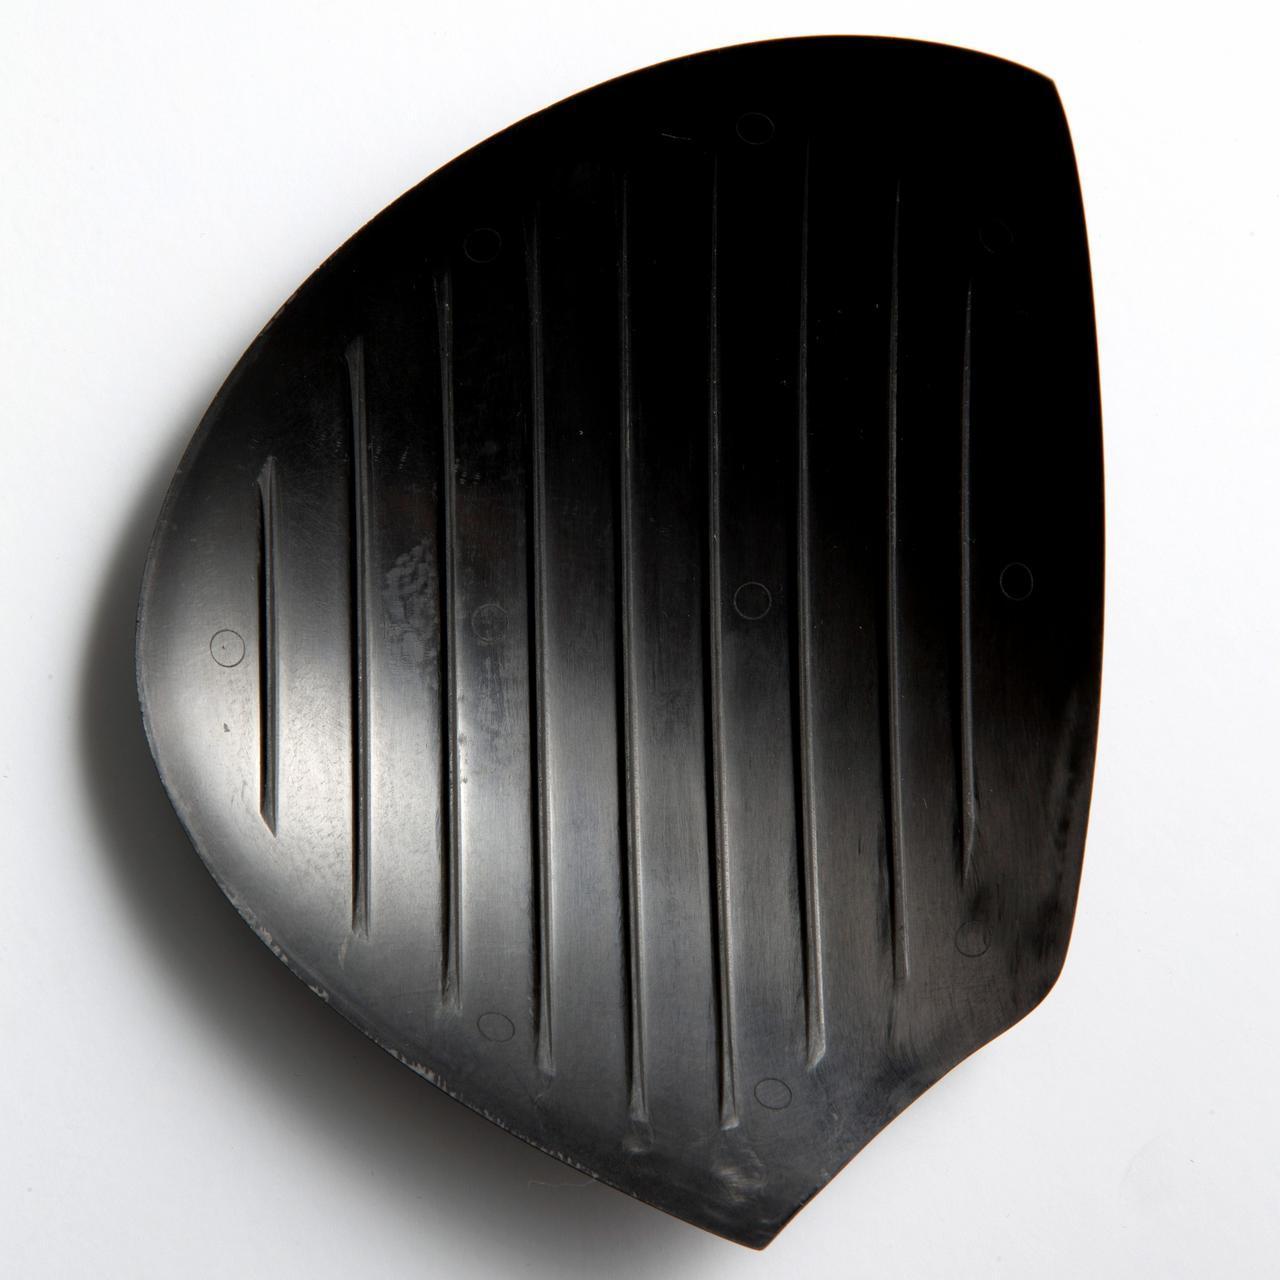 画像: 業界初の新素材カーボンを採用。最薄・最軽量を実現したことで、余剰重量を適切に配分。ヘッド内部にリブを配し、高い強度と最適なたわみを生み出した